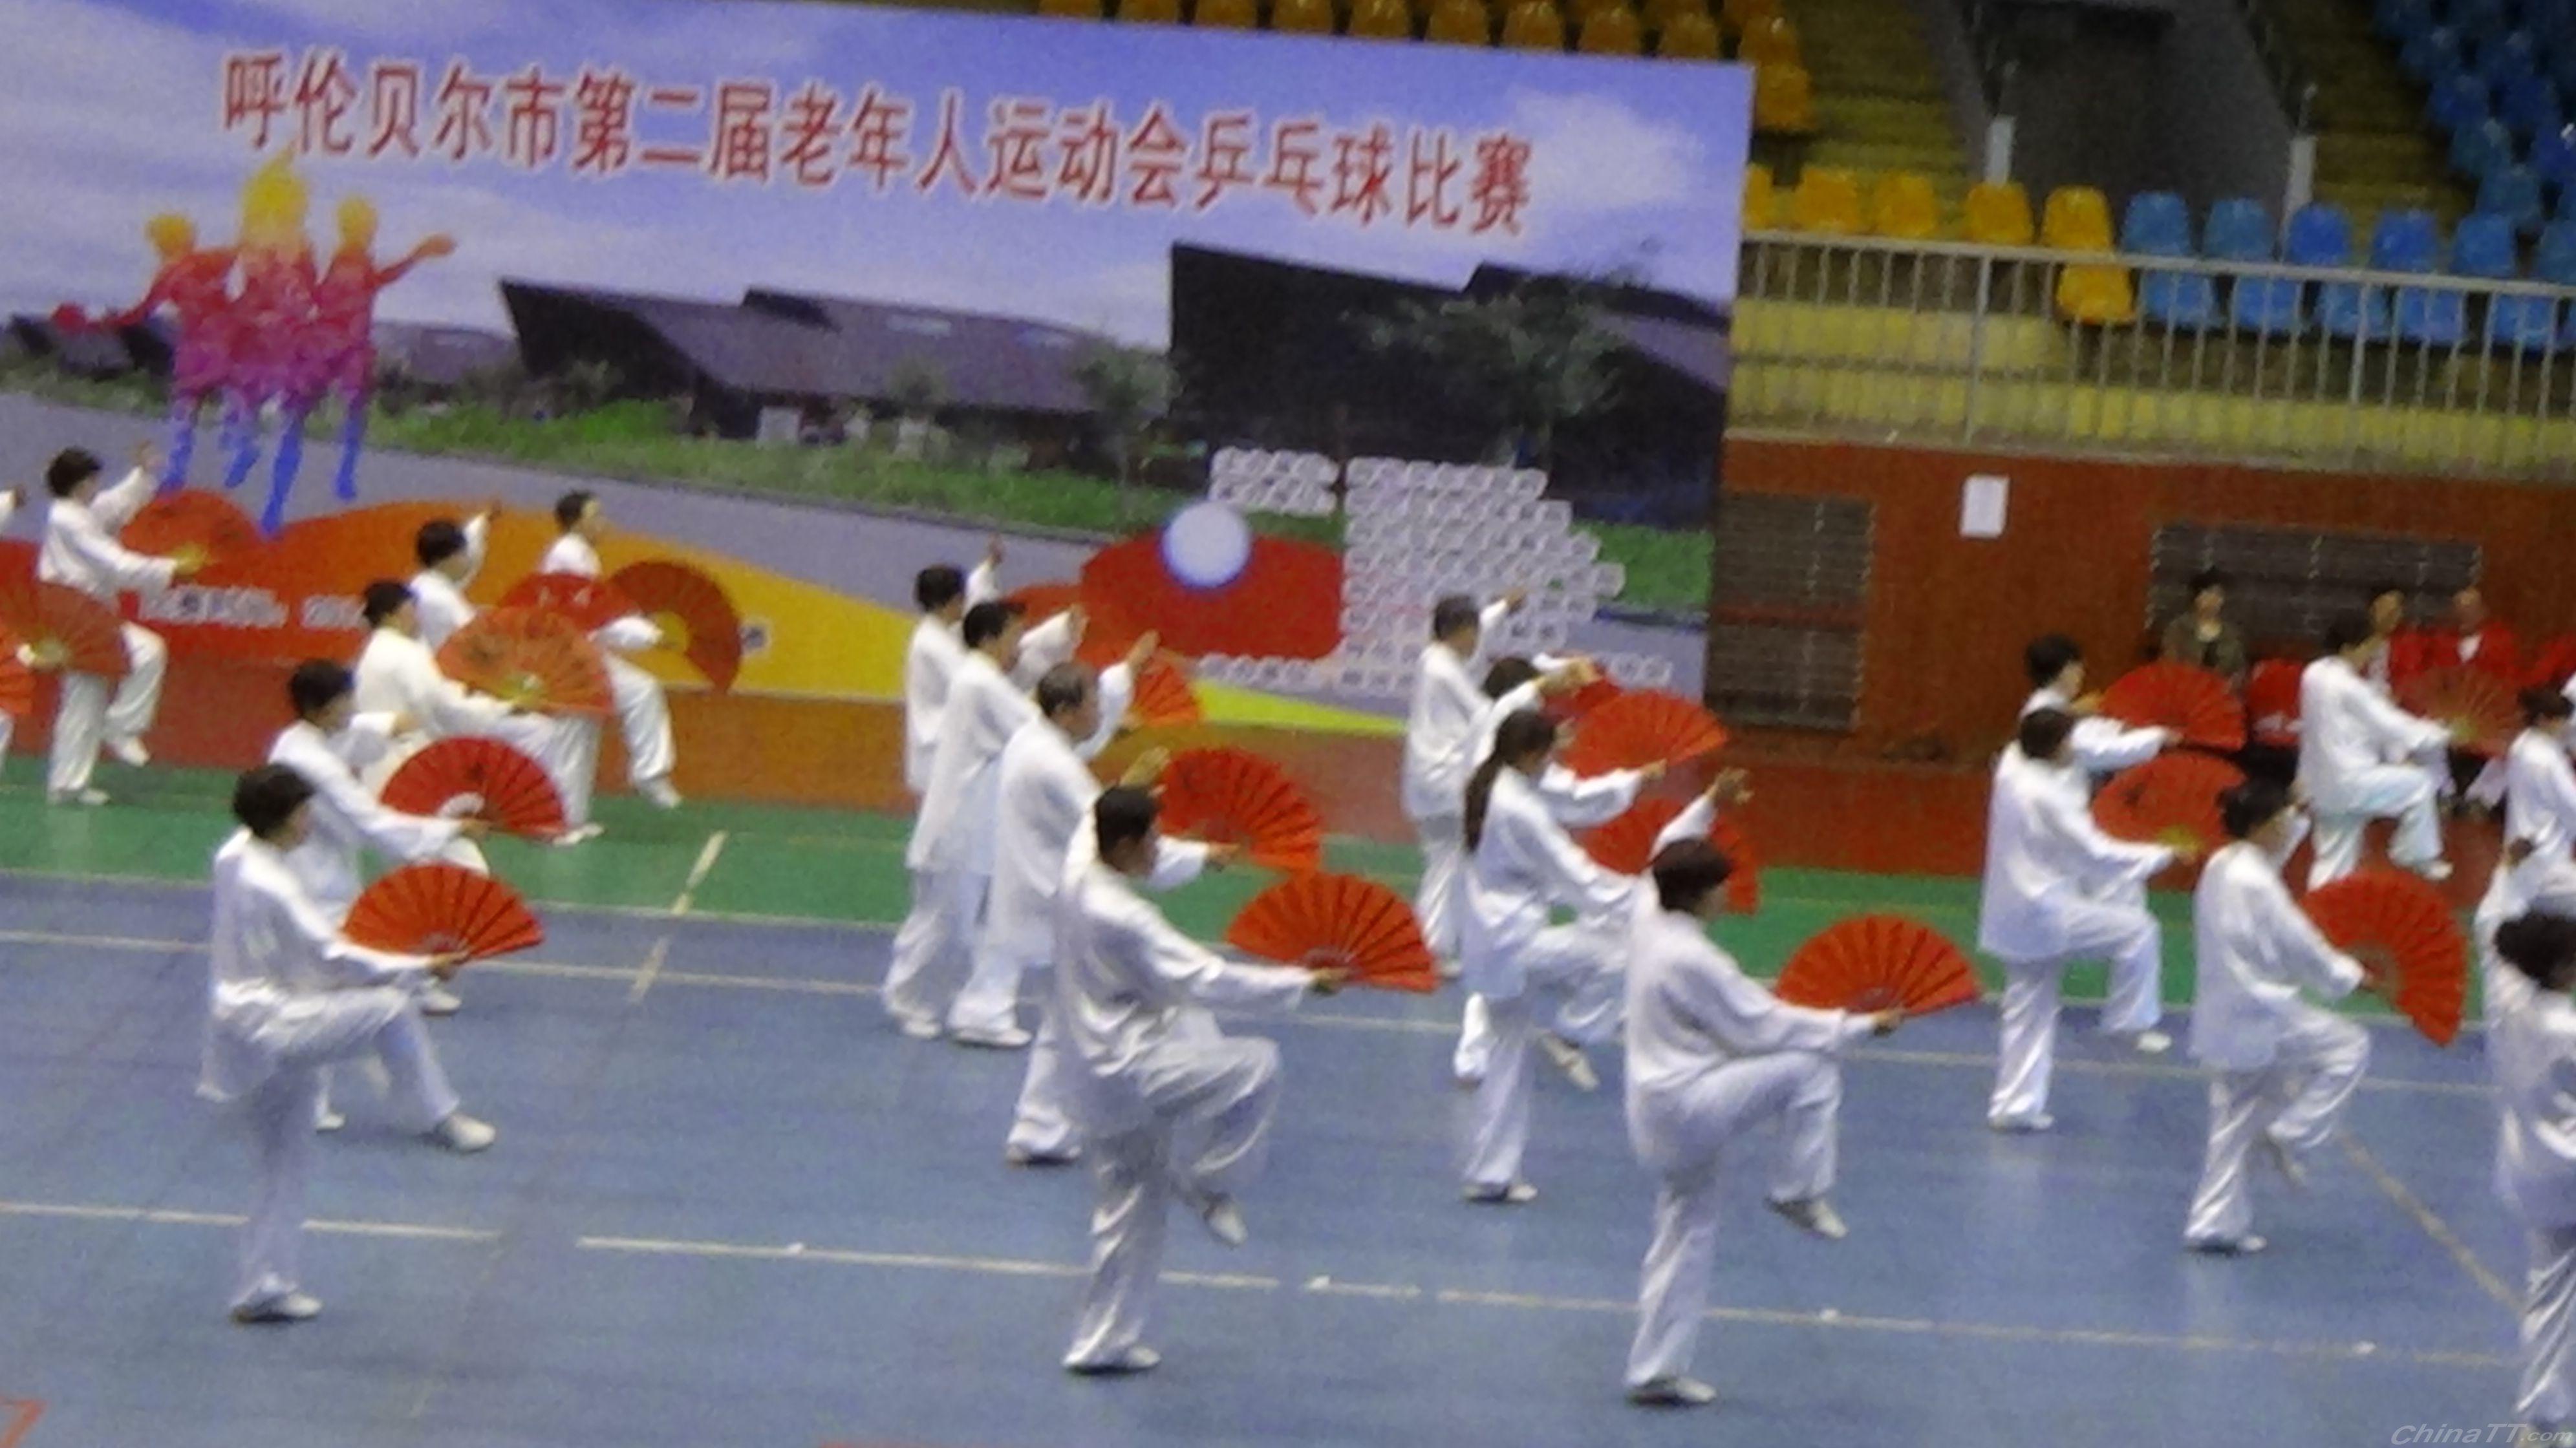 初次参赛老年人乒乓球比赛-快乐老人俱乐部上海放风筝图片